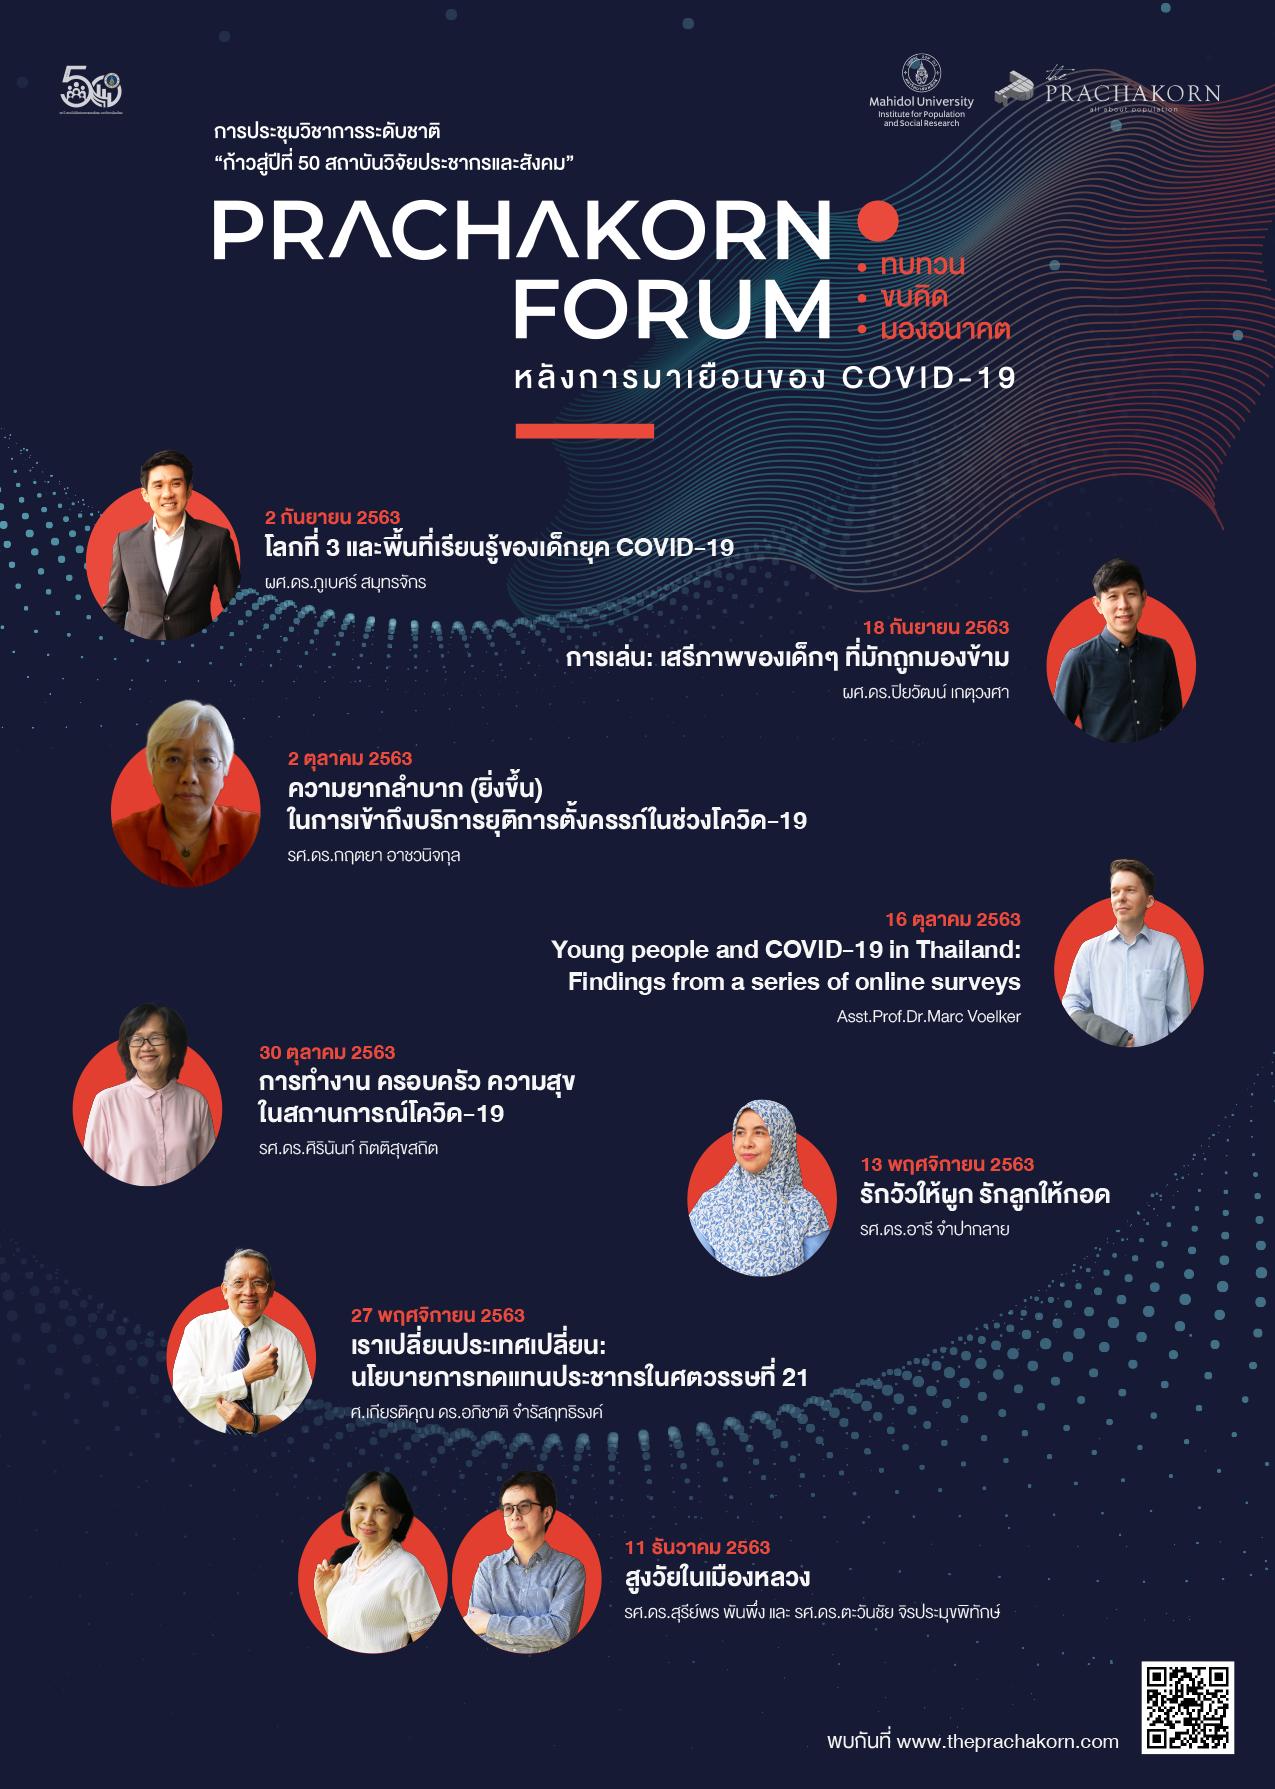 Prachakorn Forum